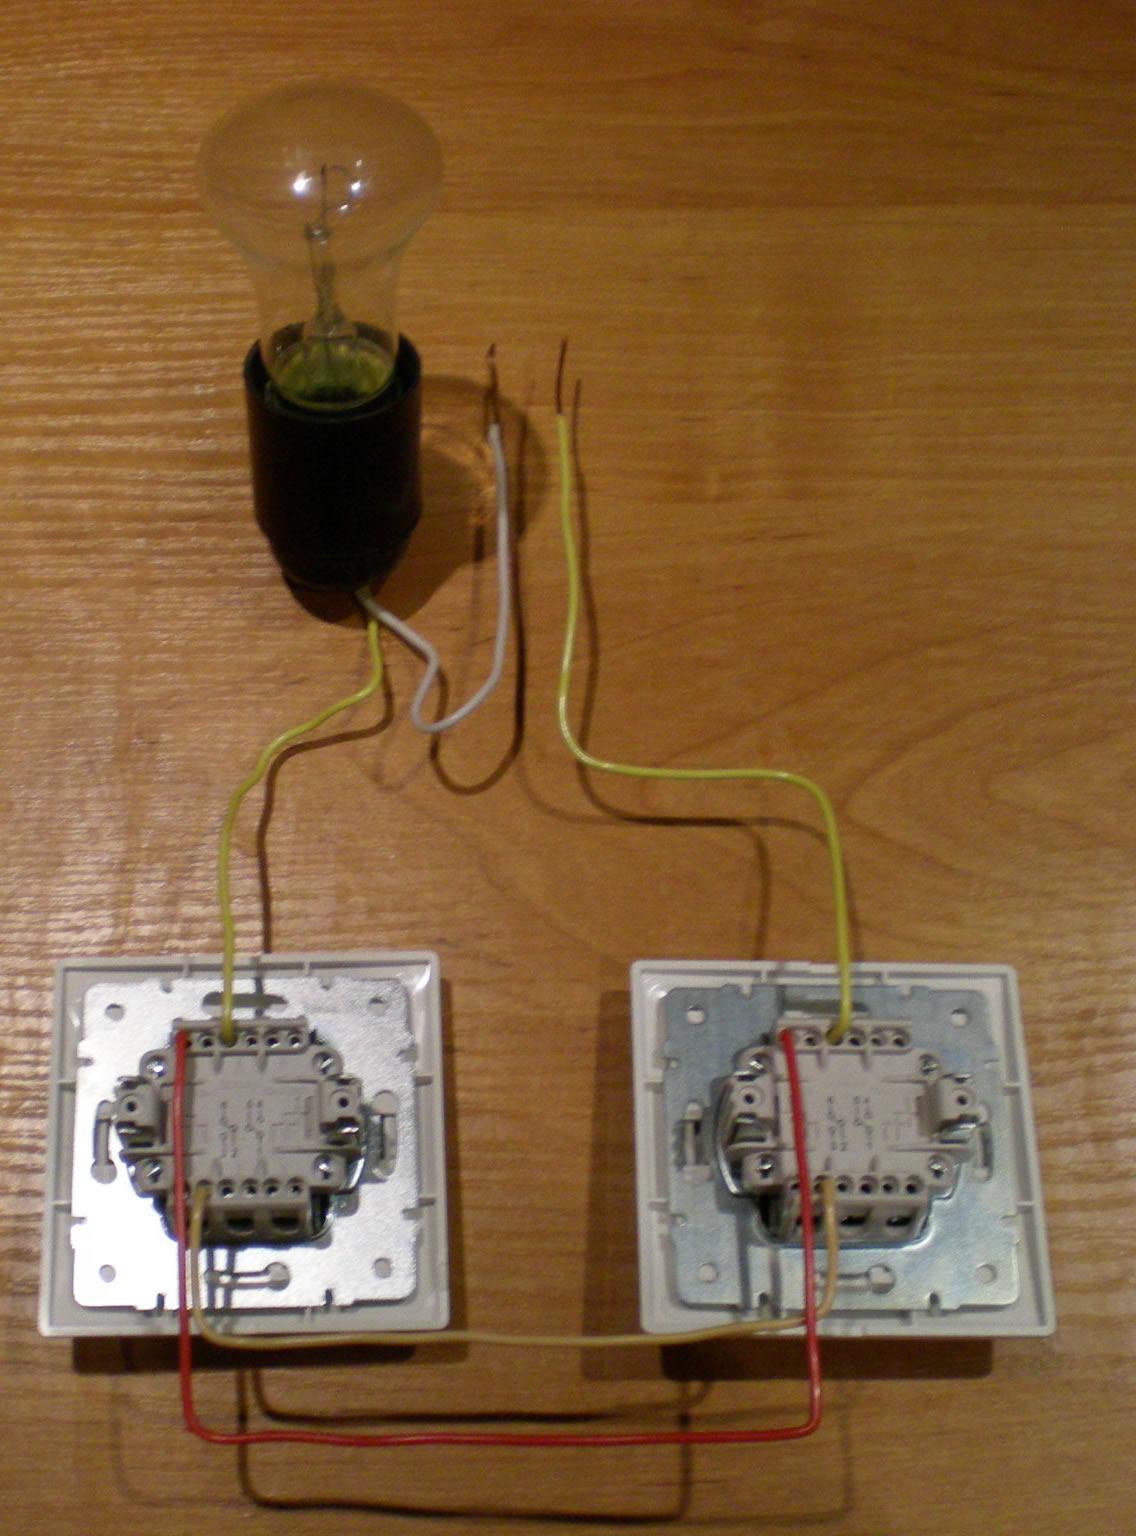 Как из двух одинарных выключателей сделать один двойной